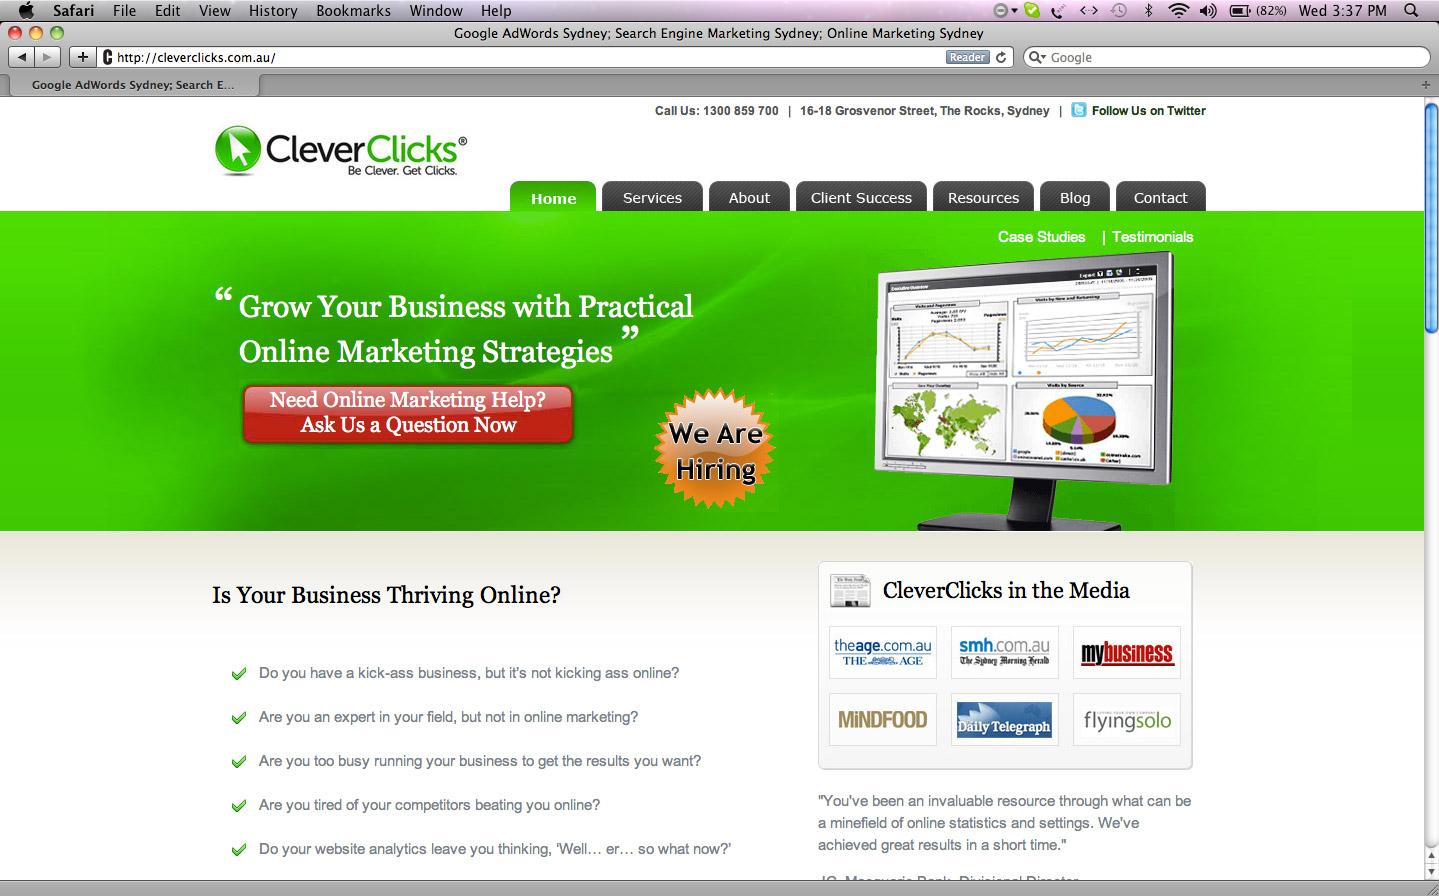 Cleverclicks.com.au